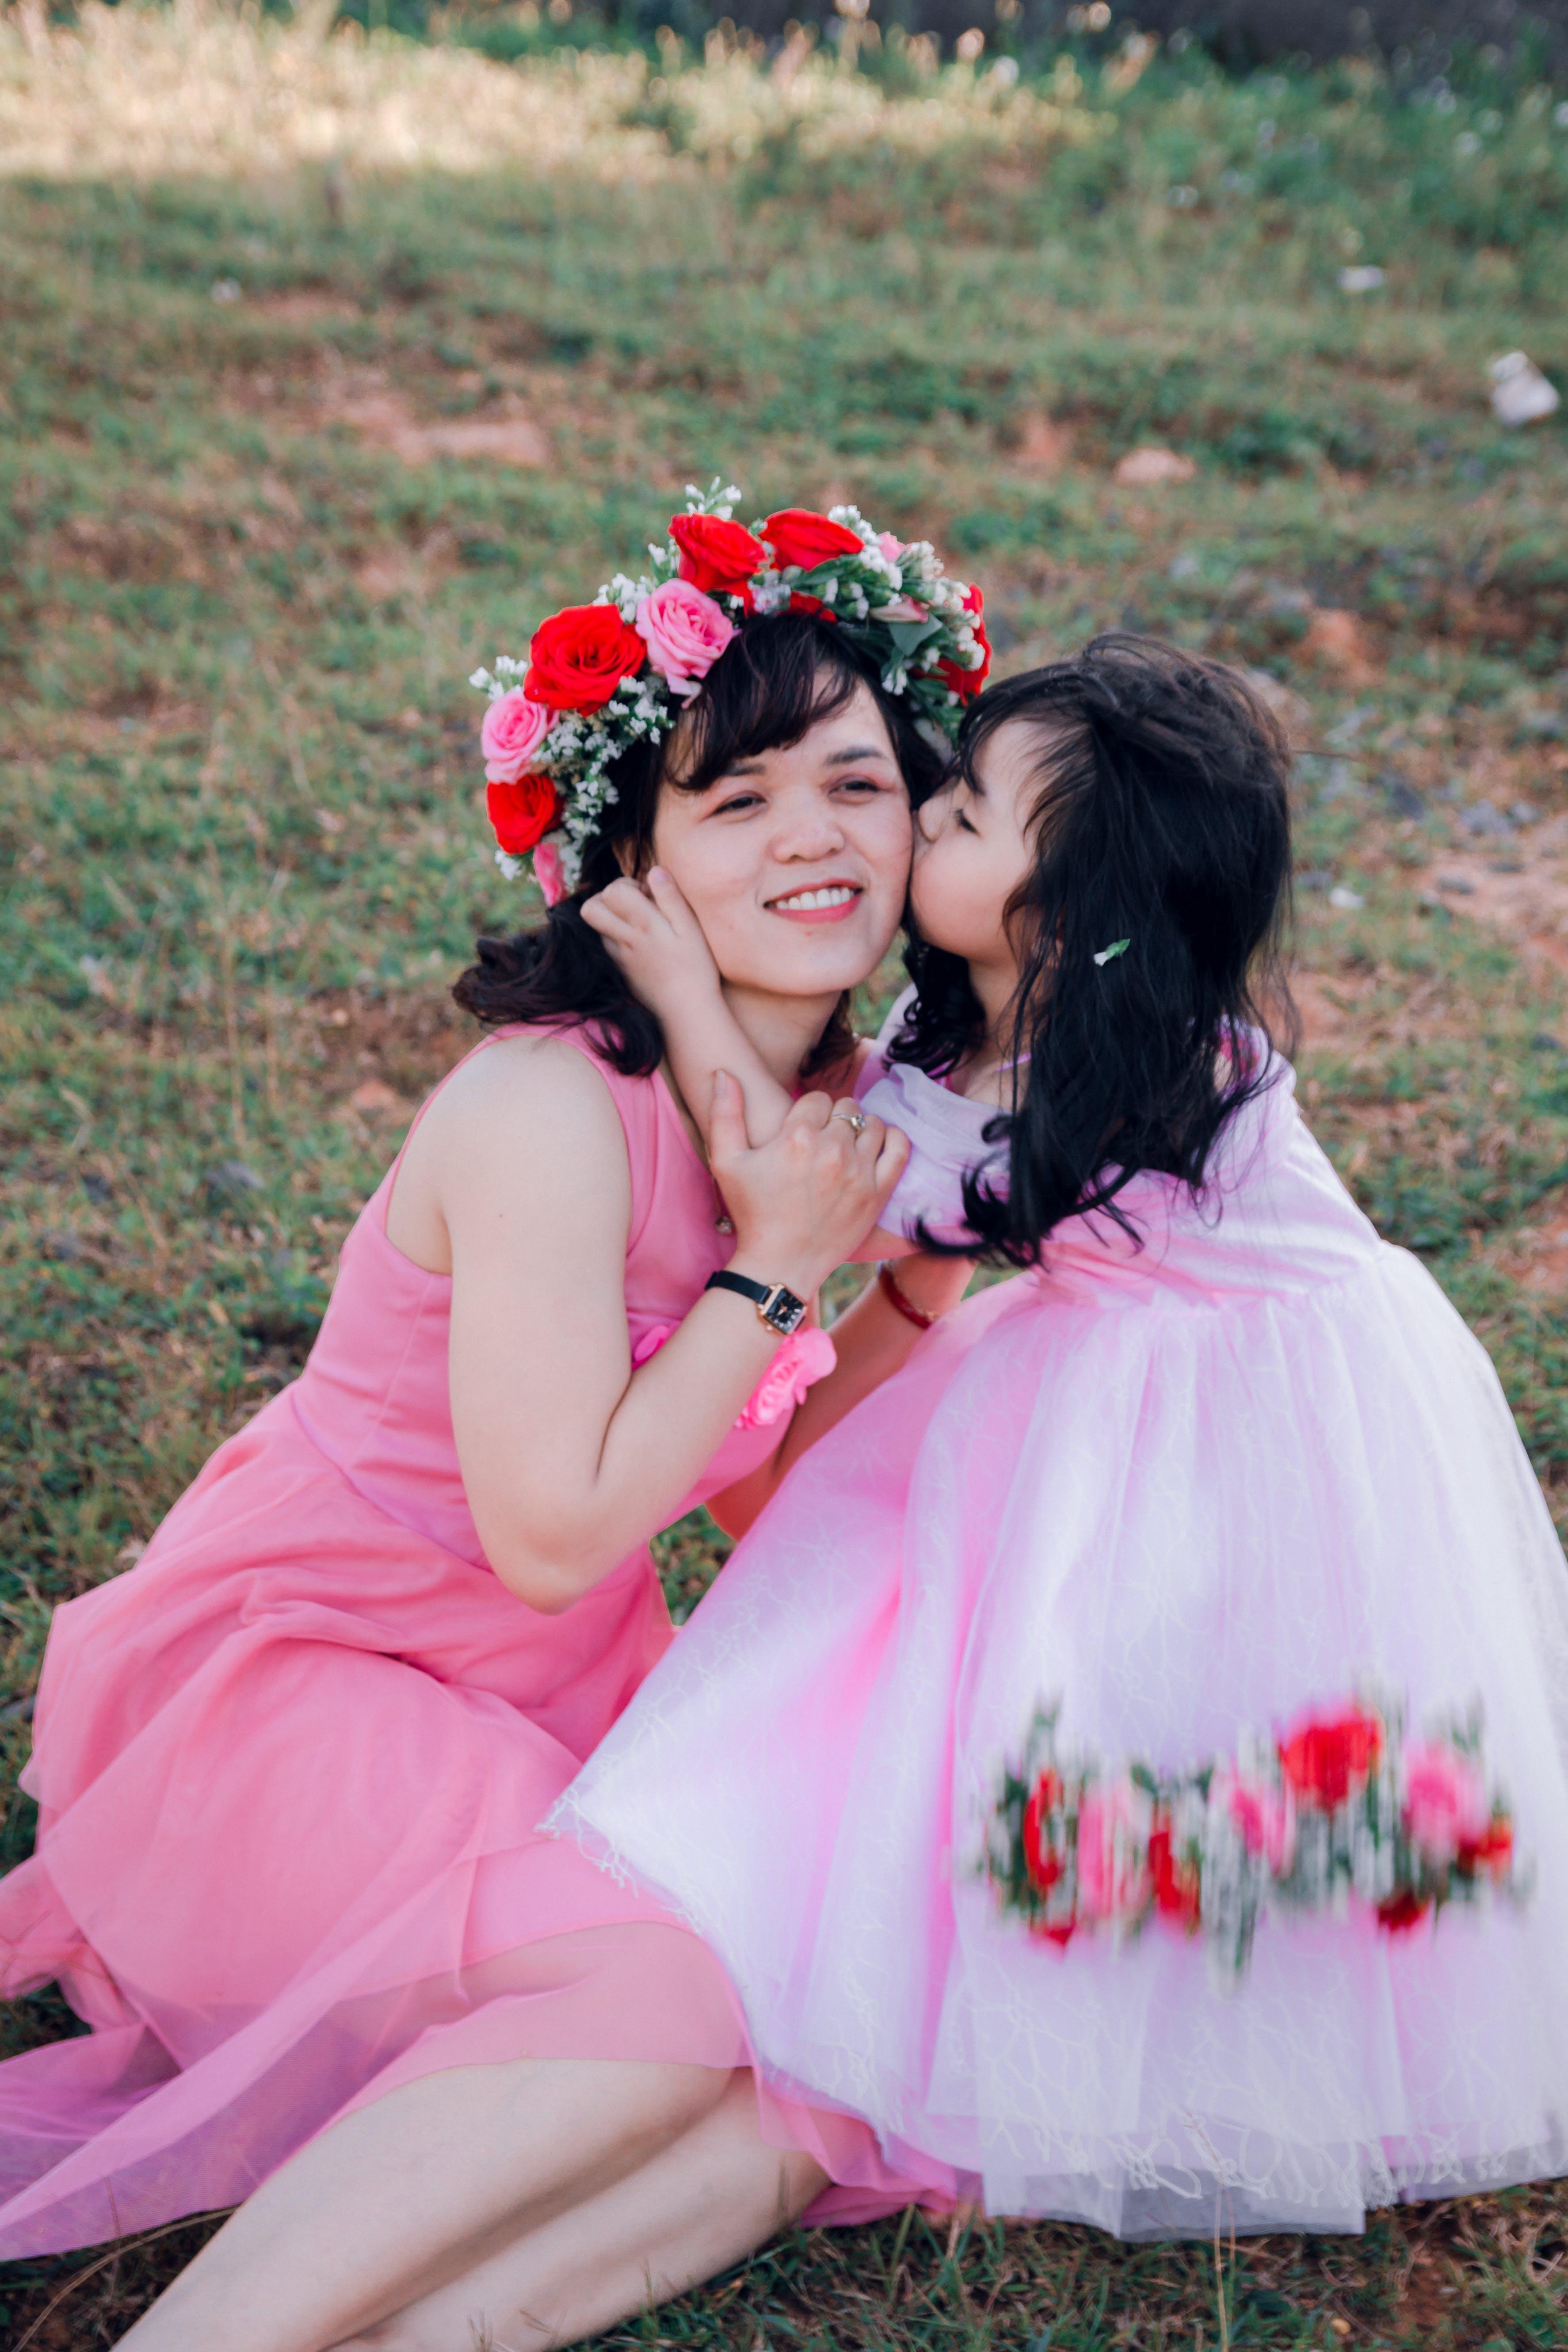 Girl Kissing Woman